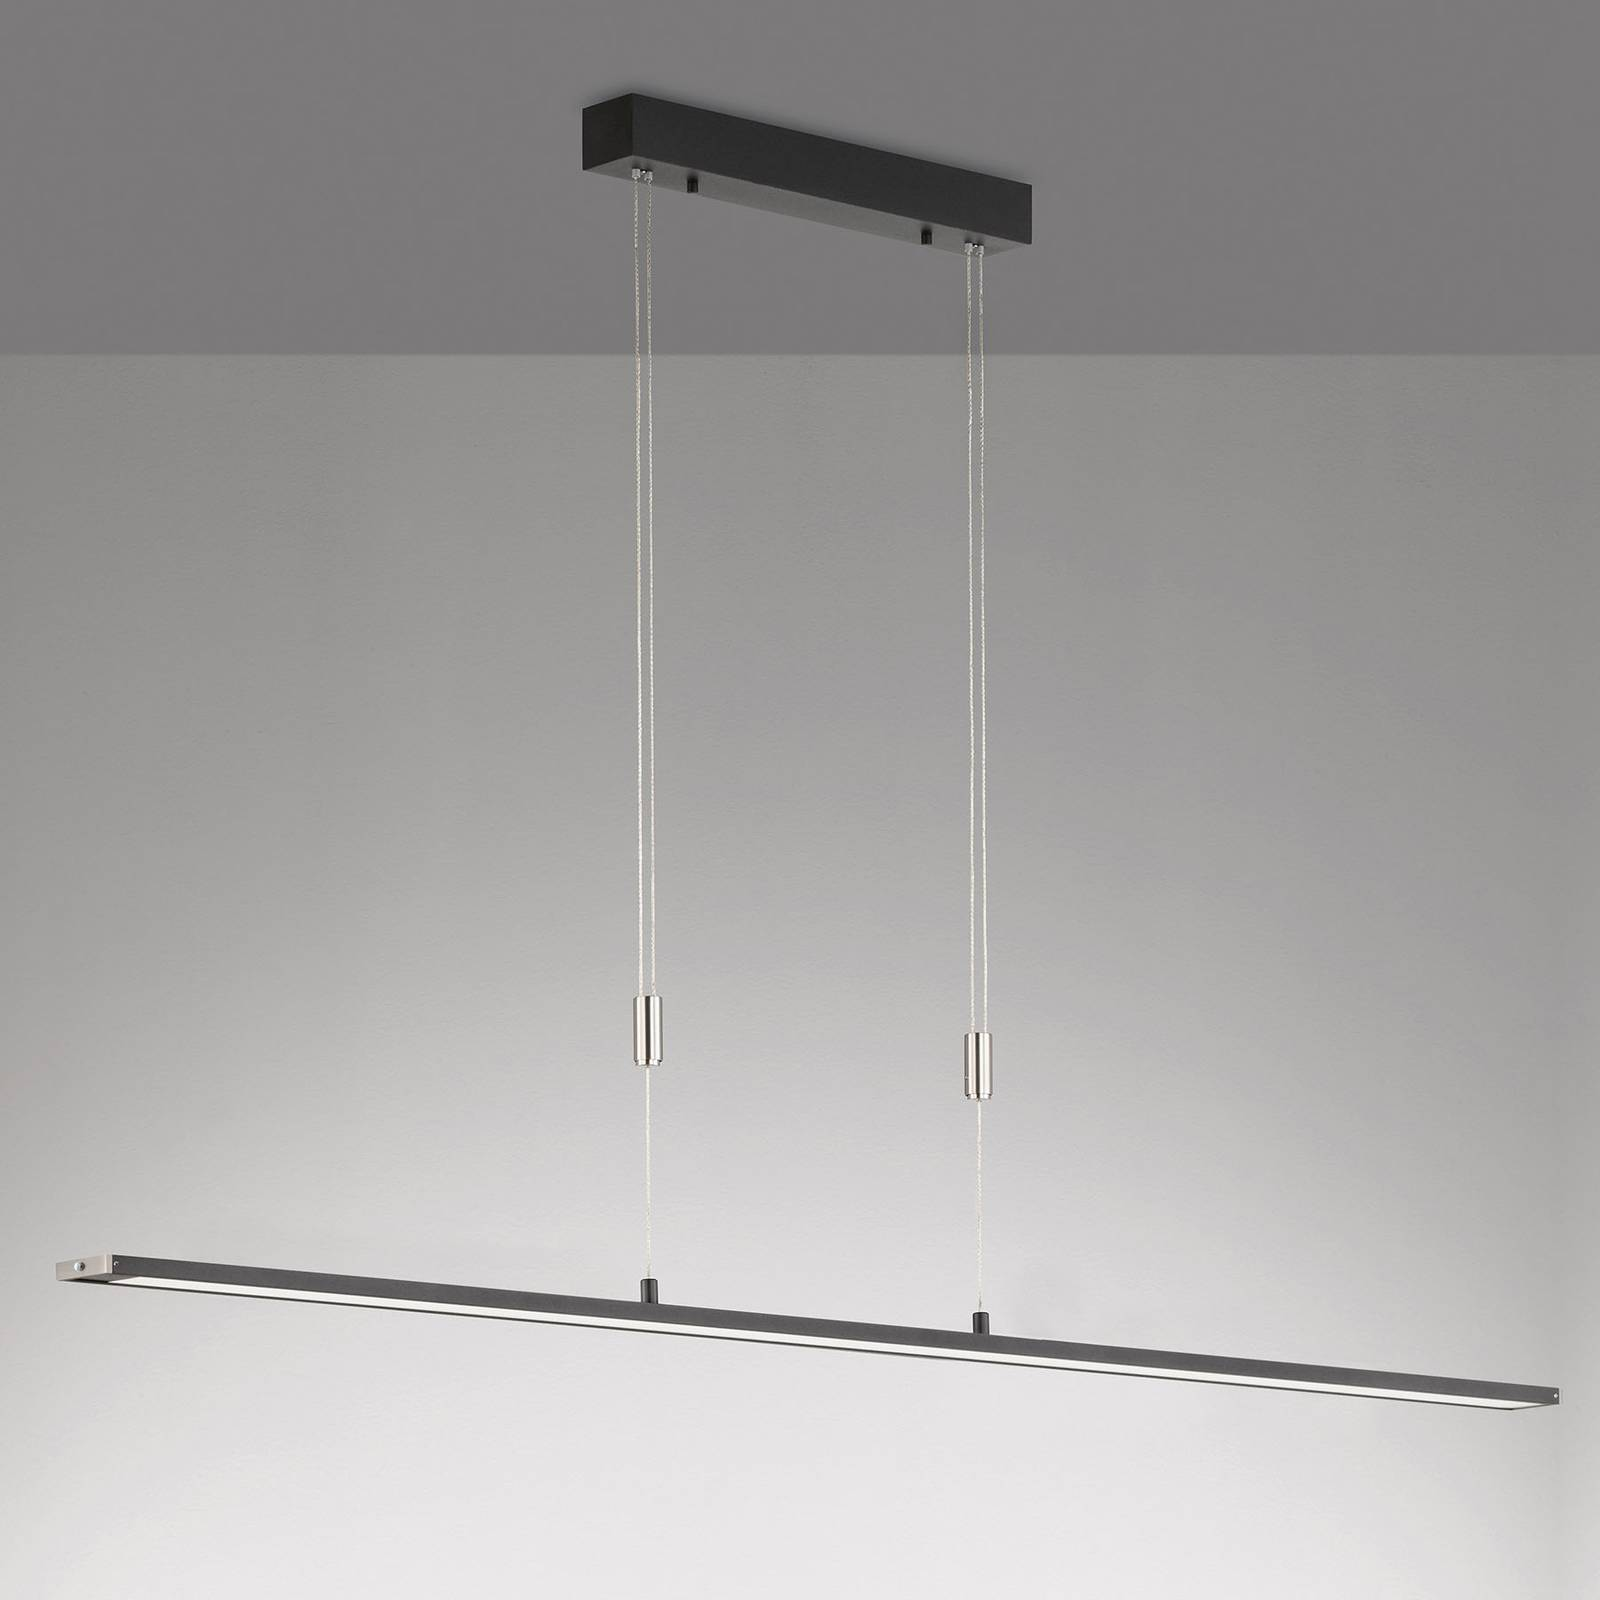 LED hanglamp Metz TW, CCT, lengte 160 cm, zwart